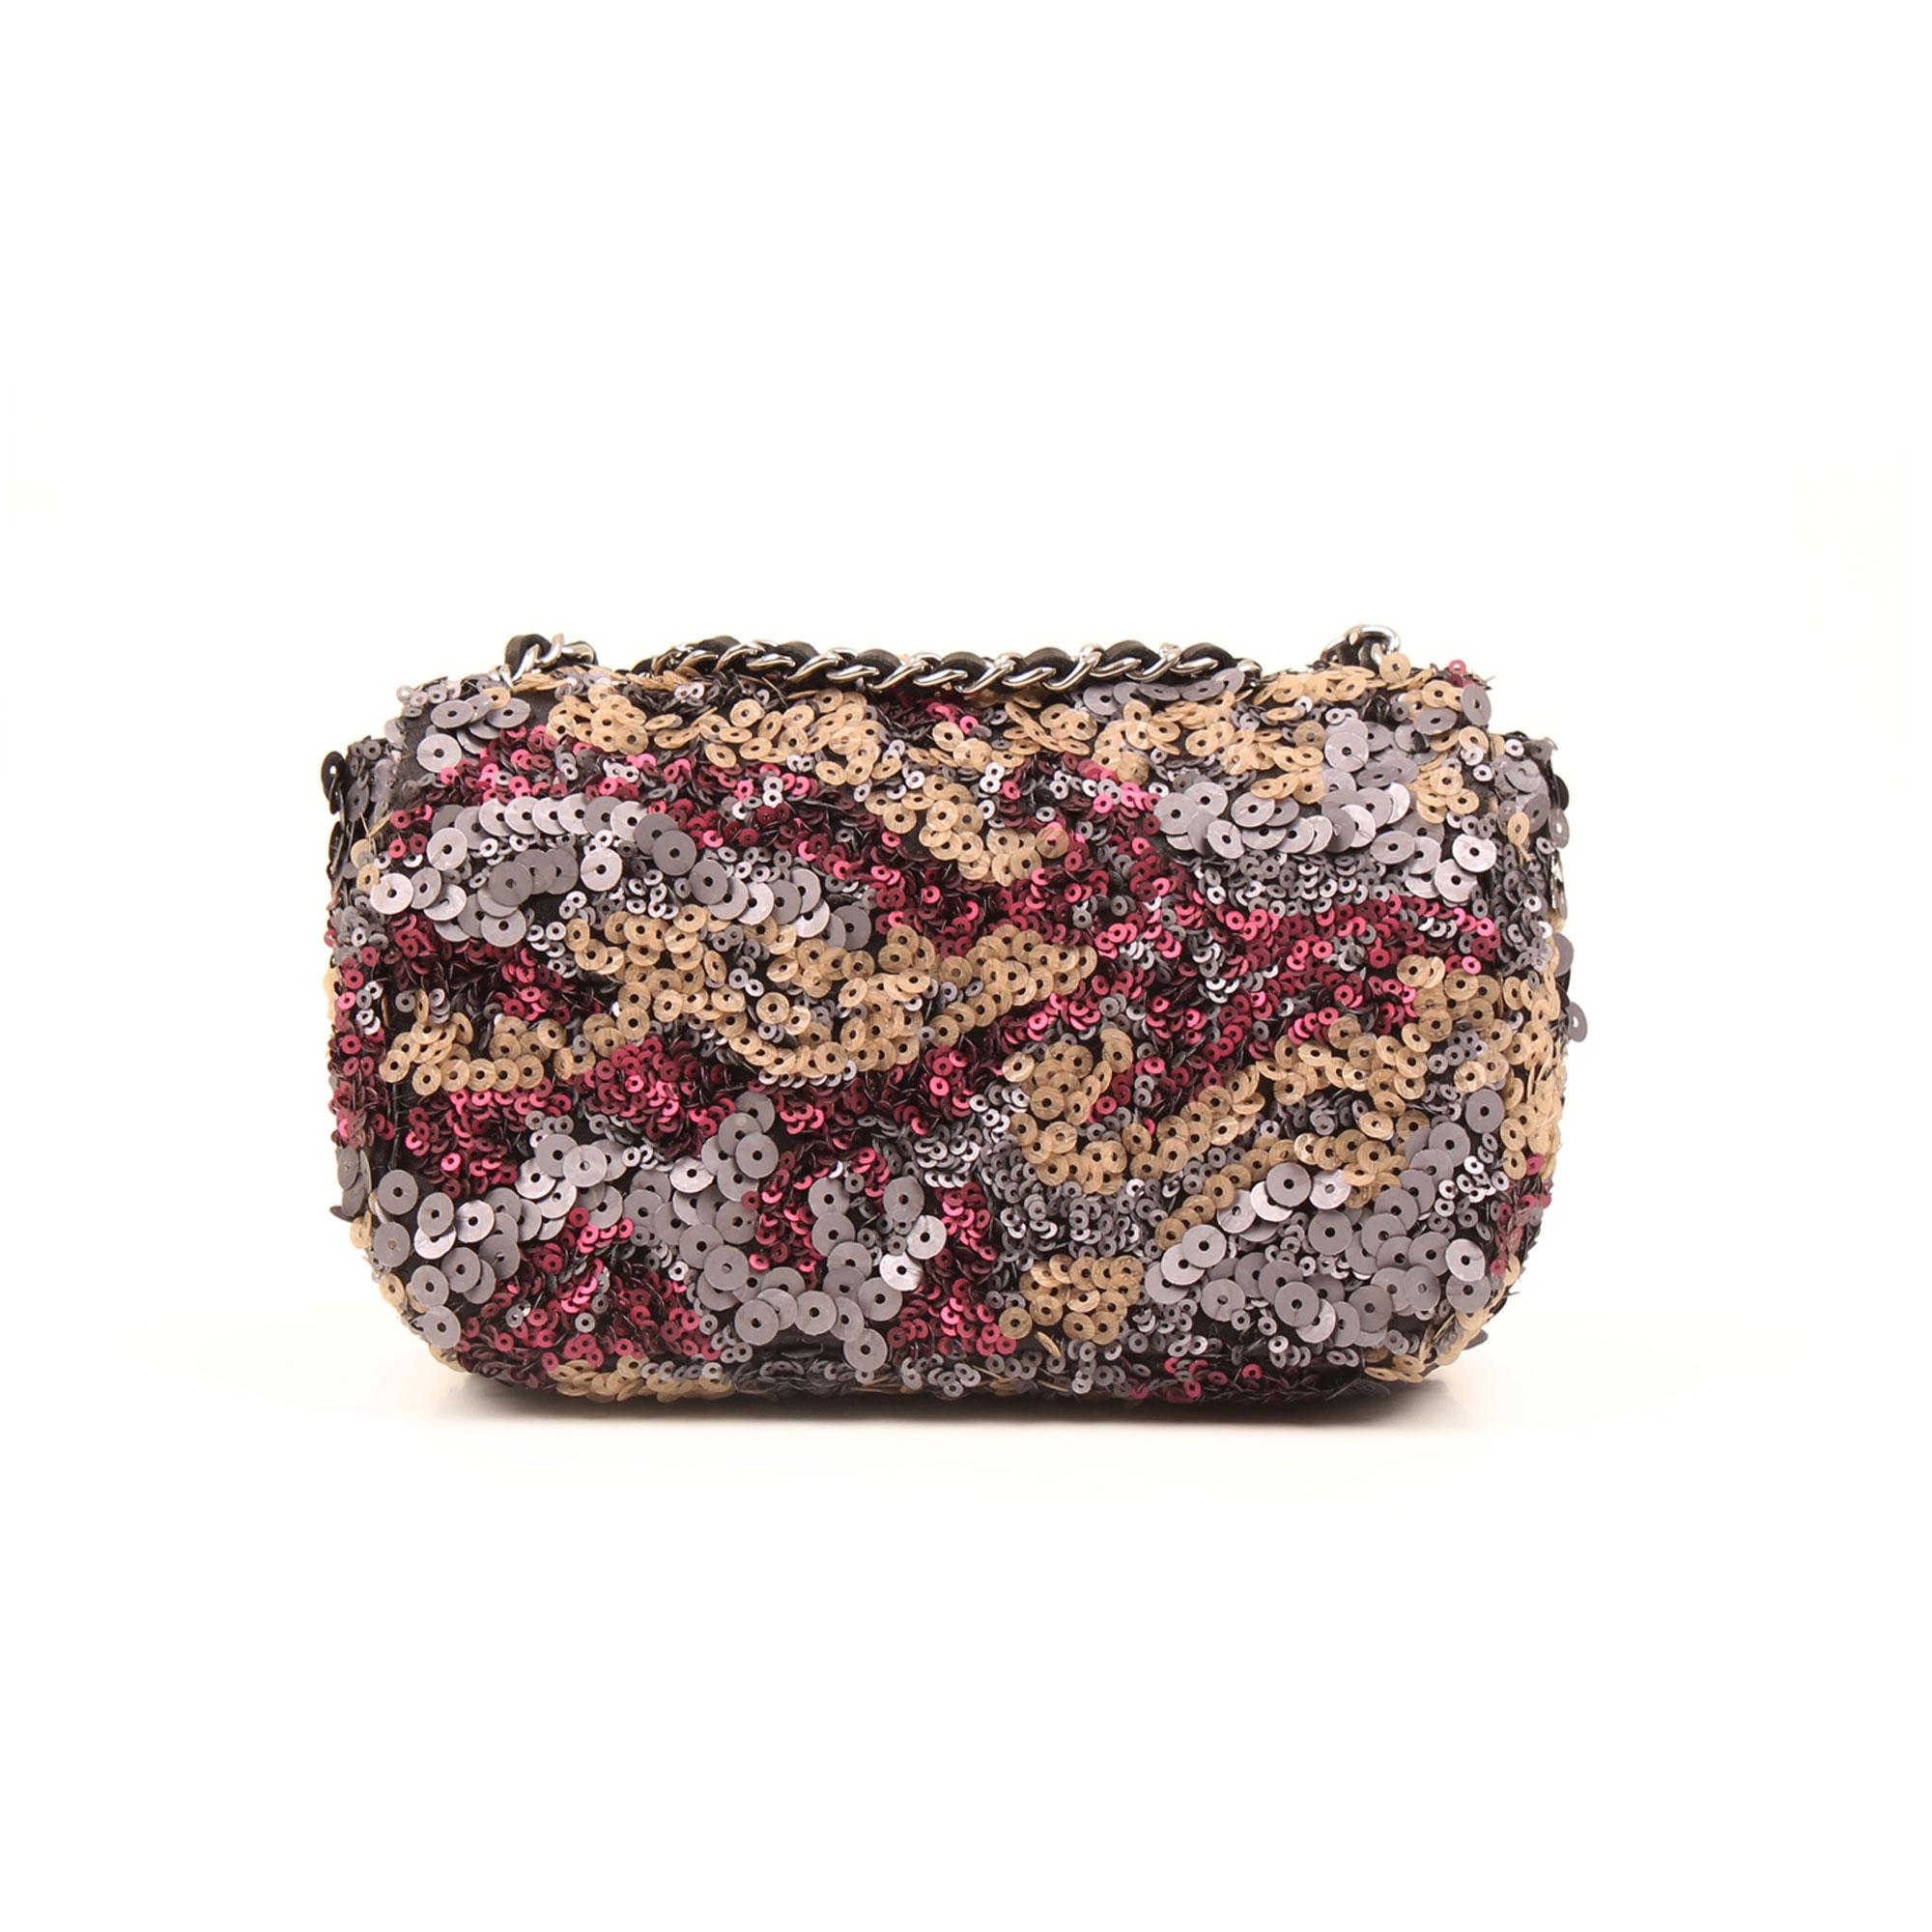 imagen trasera del bolso chanel mini classic flap lentejuelas multicolor